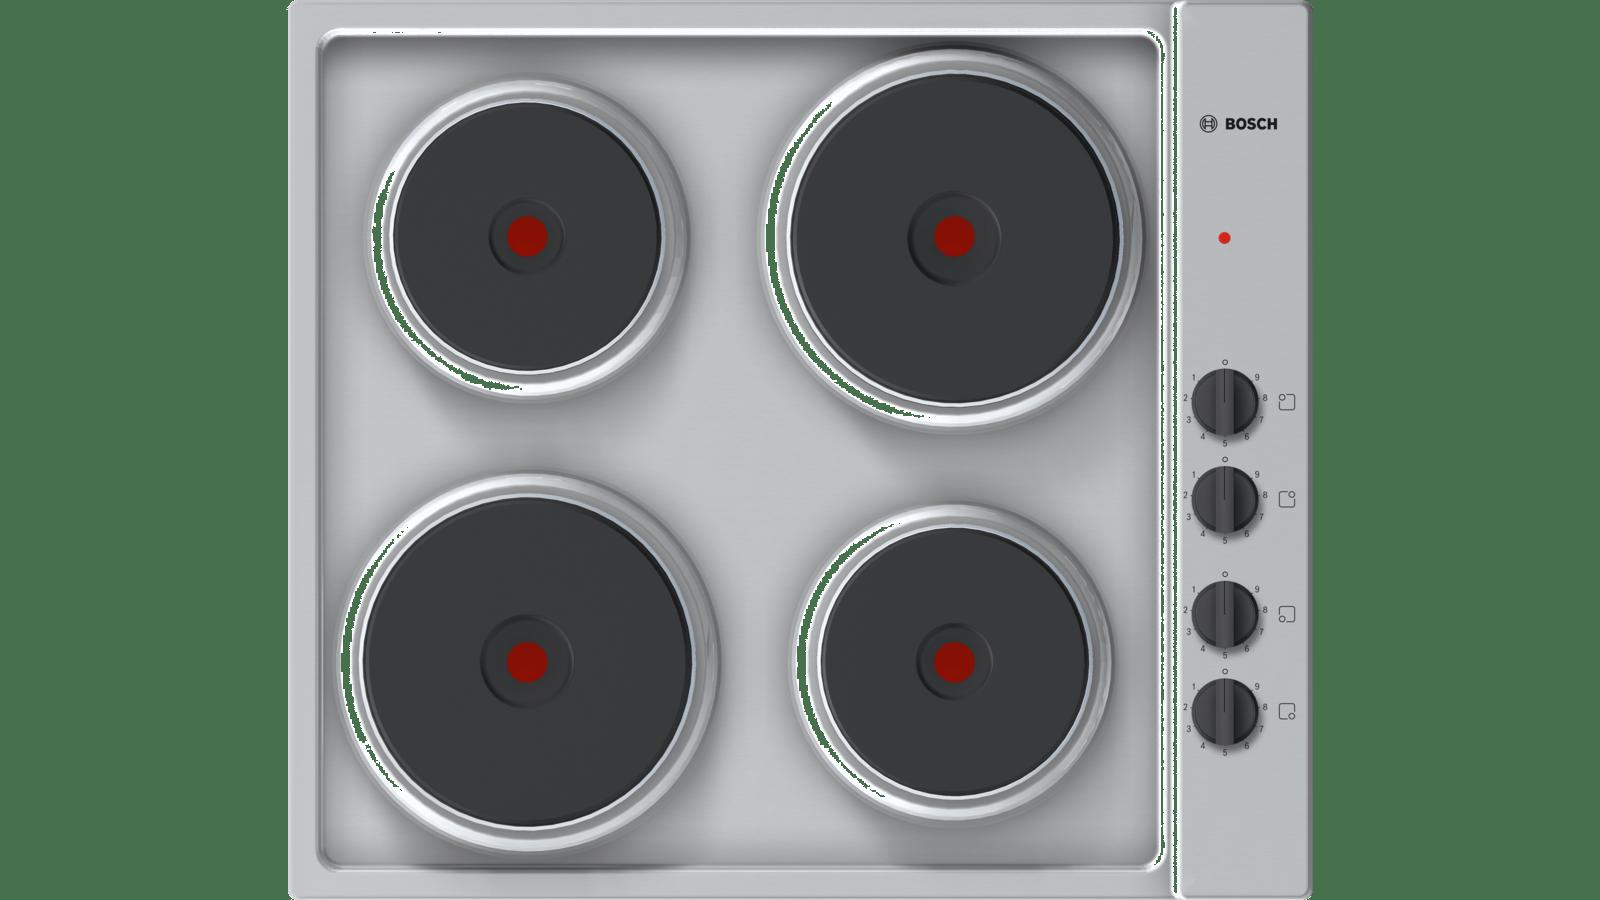 Demonter Plaque De Cuisson Electrique table de cuisson électrique - highspeed - 60 cm - serie   2